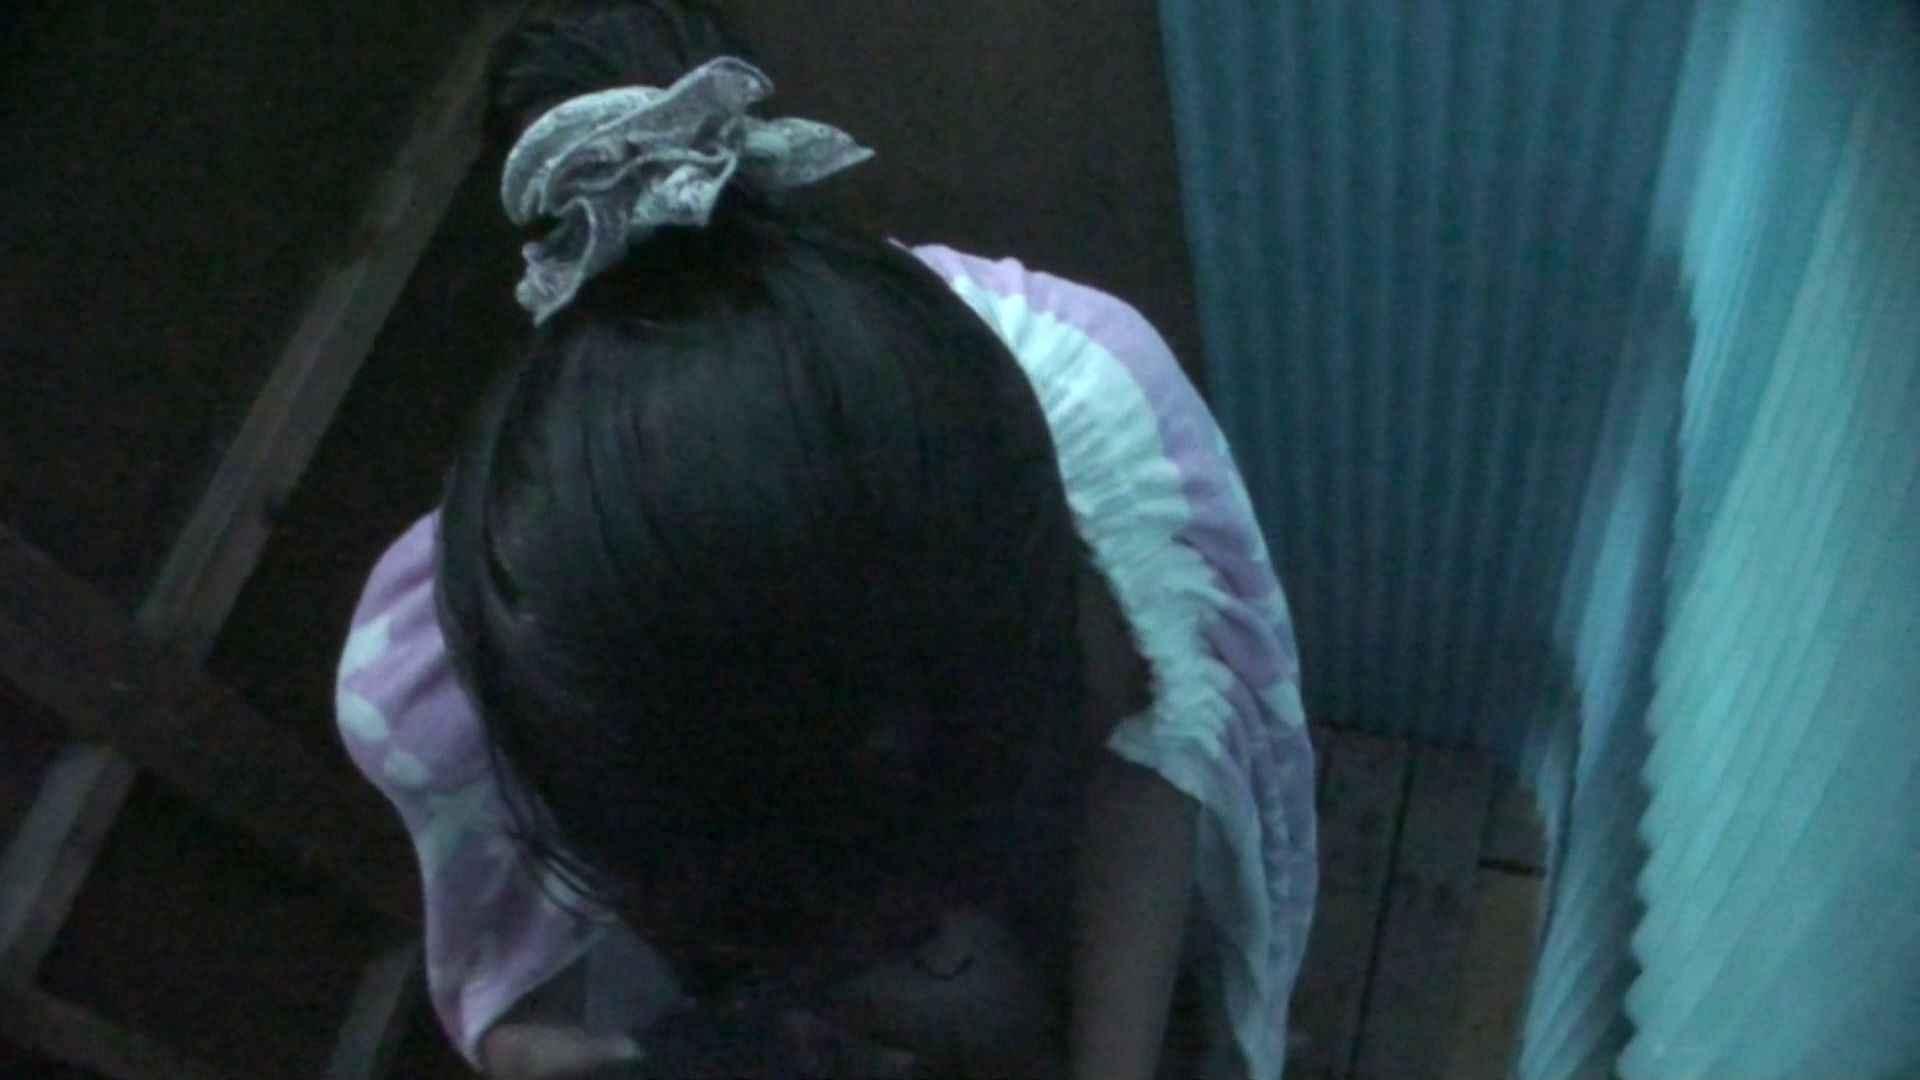 シャワールームは超!!危険な香りVol.26 大学生風美形ギャル 暗さが残念! OLの実態  86pic 48